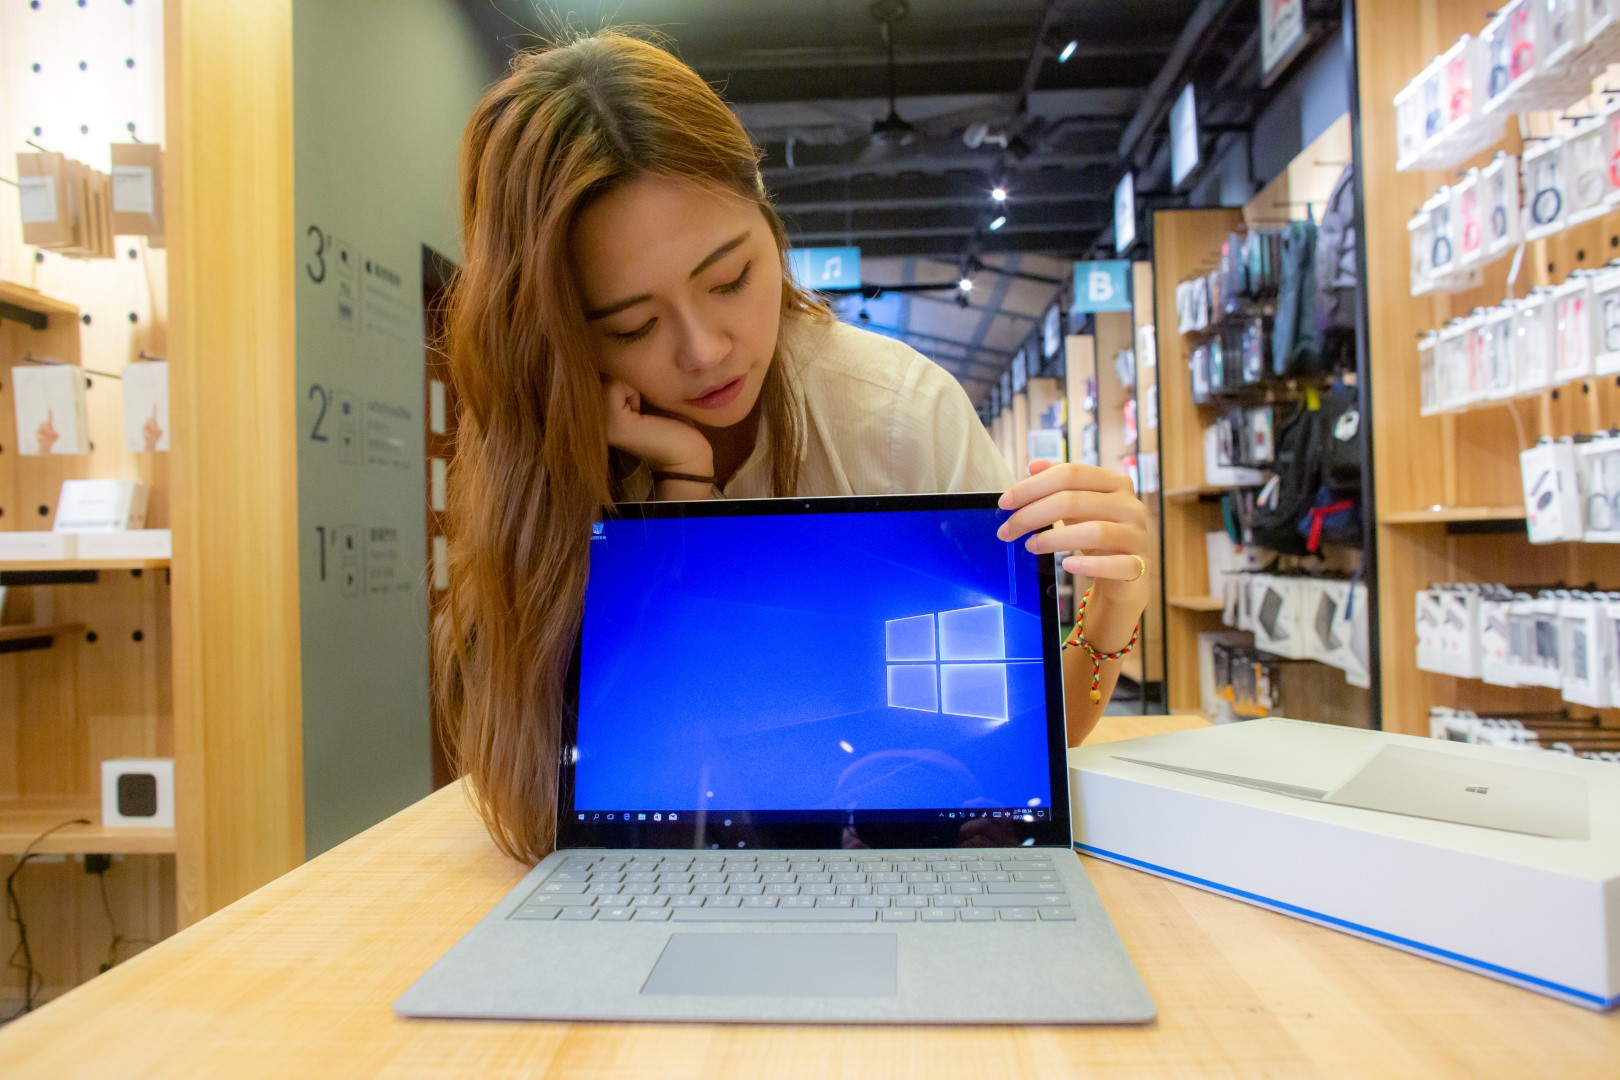 璃兒的 Microsoft Surface Laptop 開箱記趣